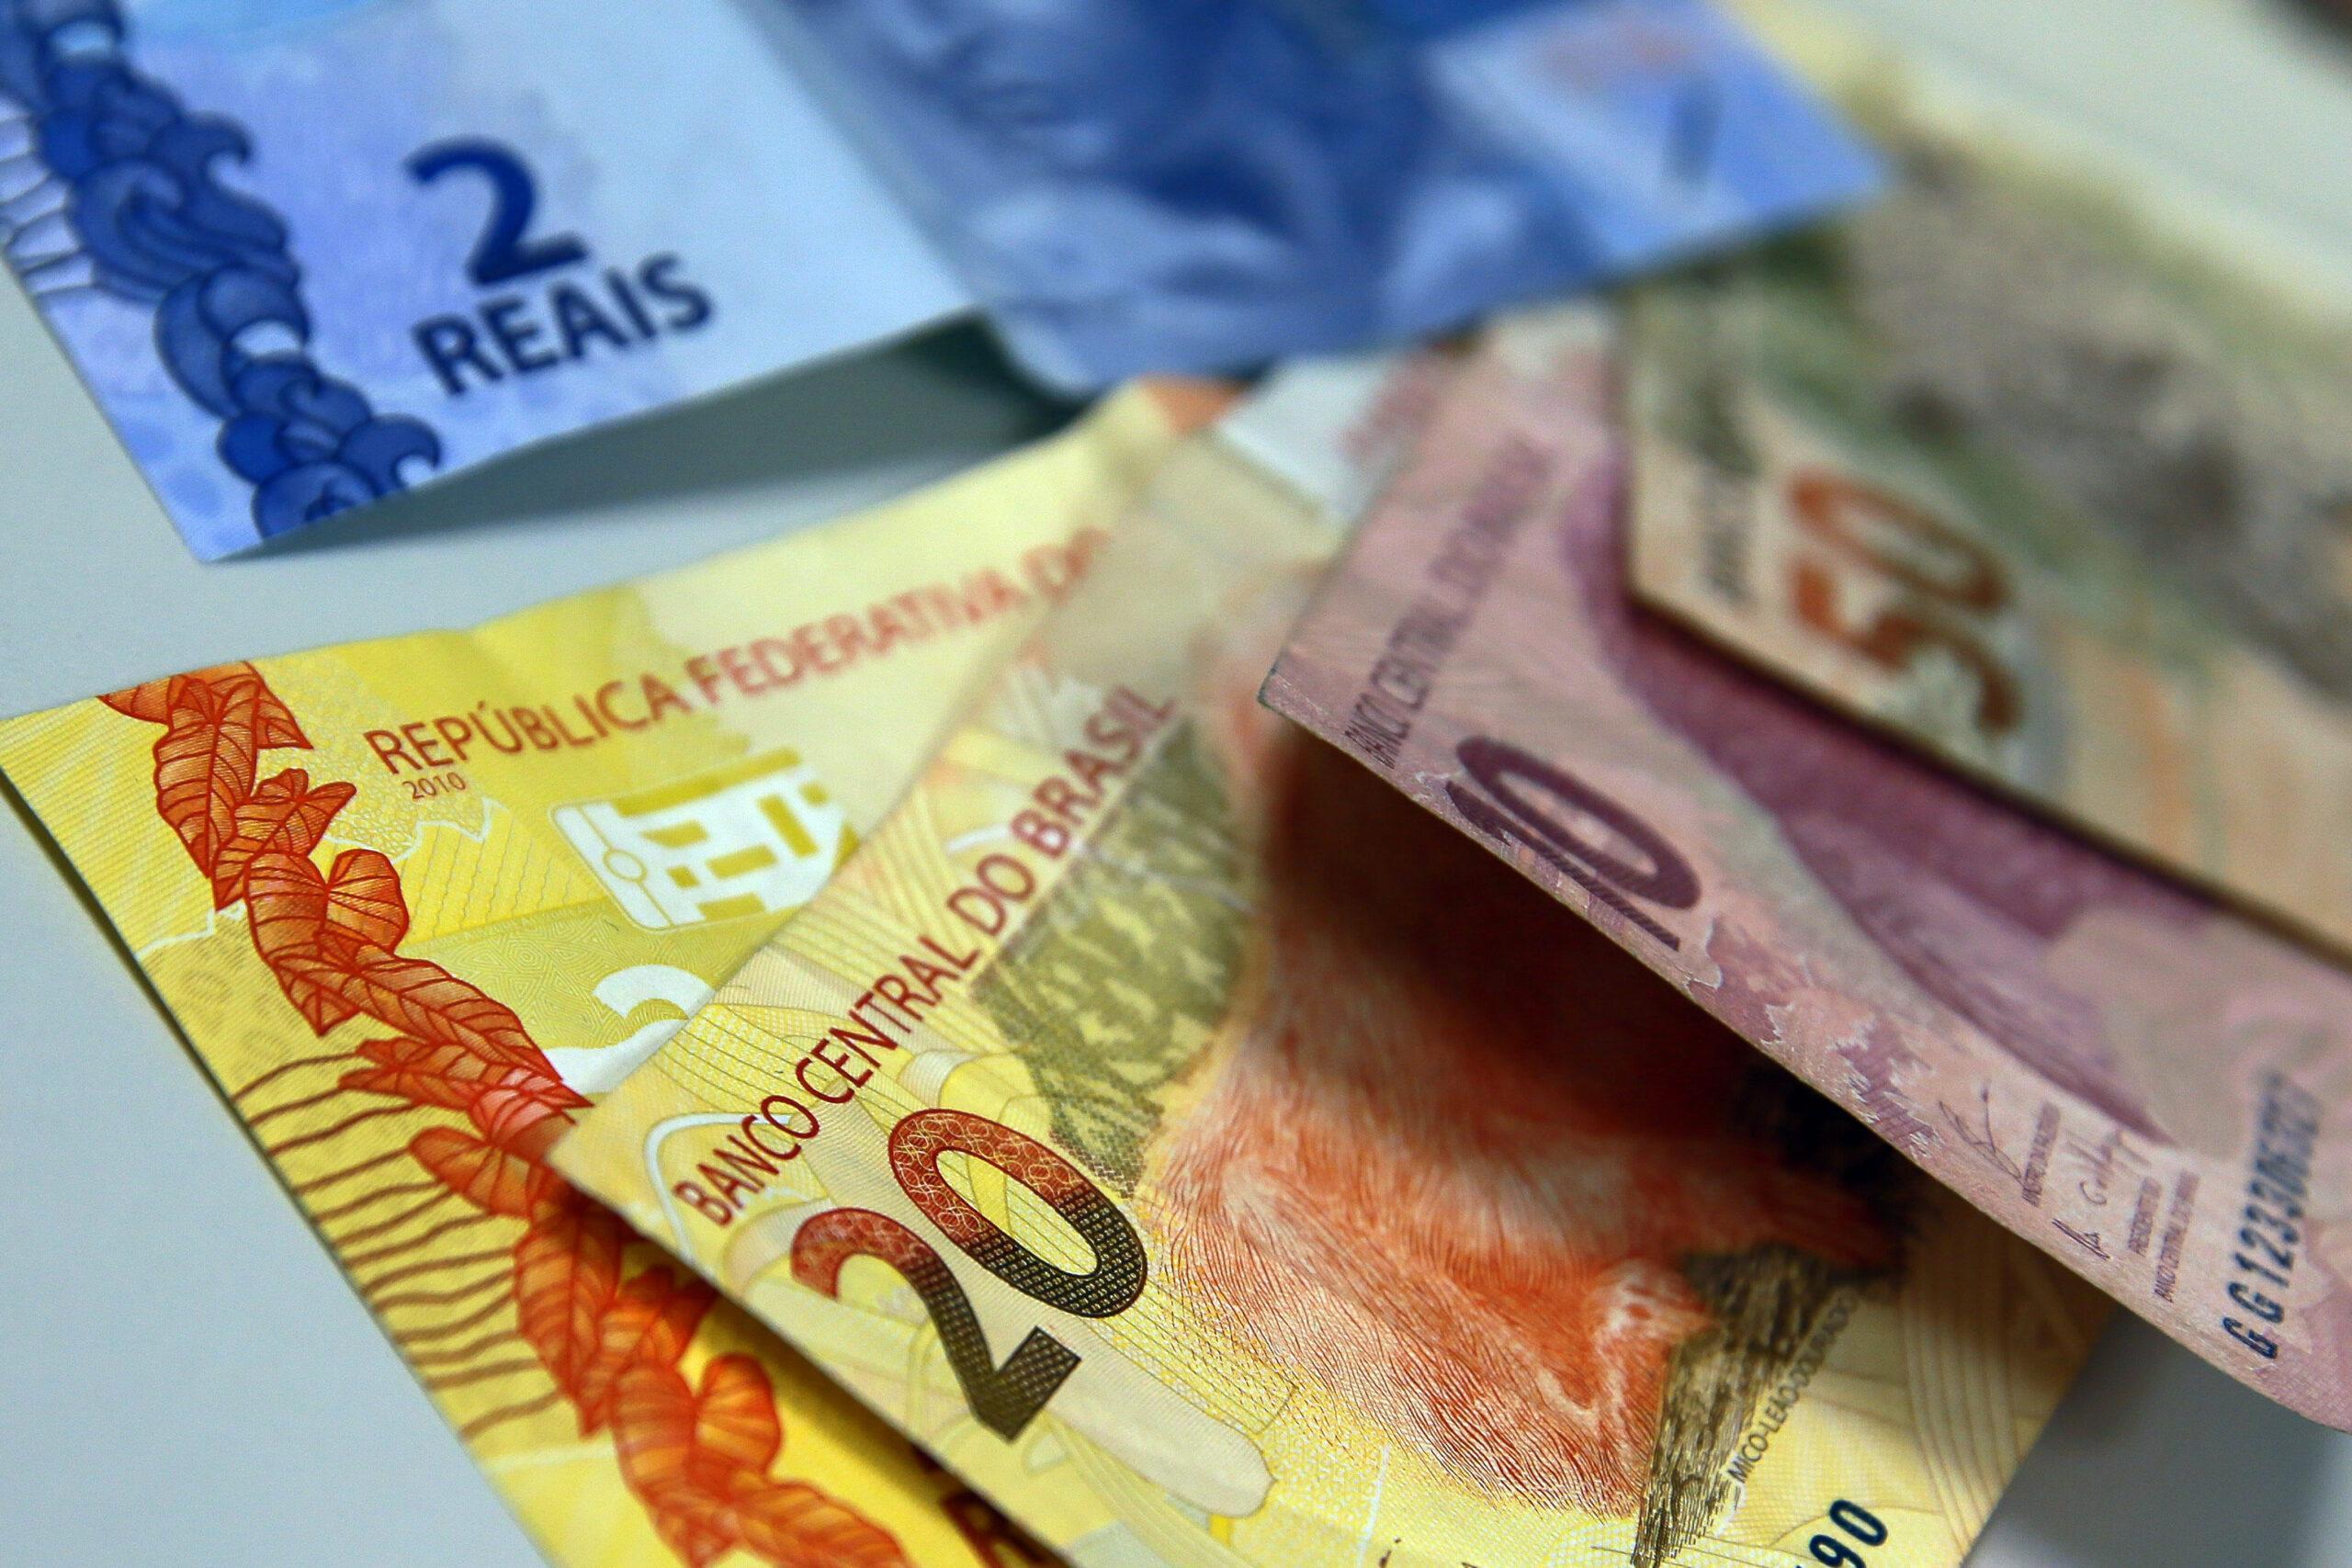 Família de SP tirou do Brasil fortuna de R$ 50 bi; saiba o motivo da transação. Foto: Marcello Casal Jr/Agência Brasil